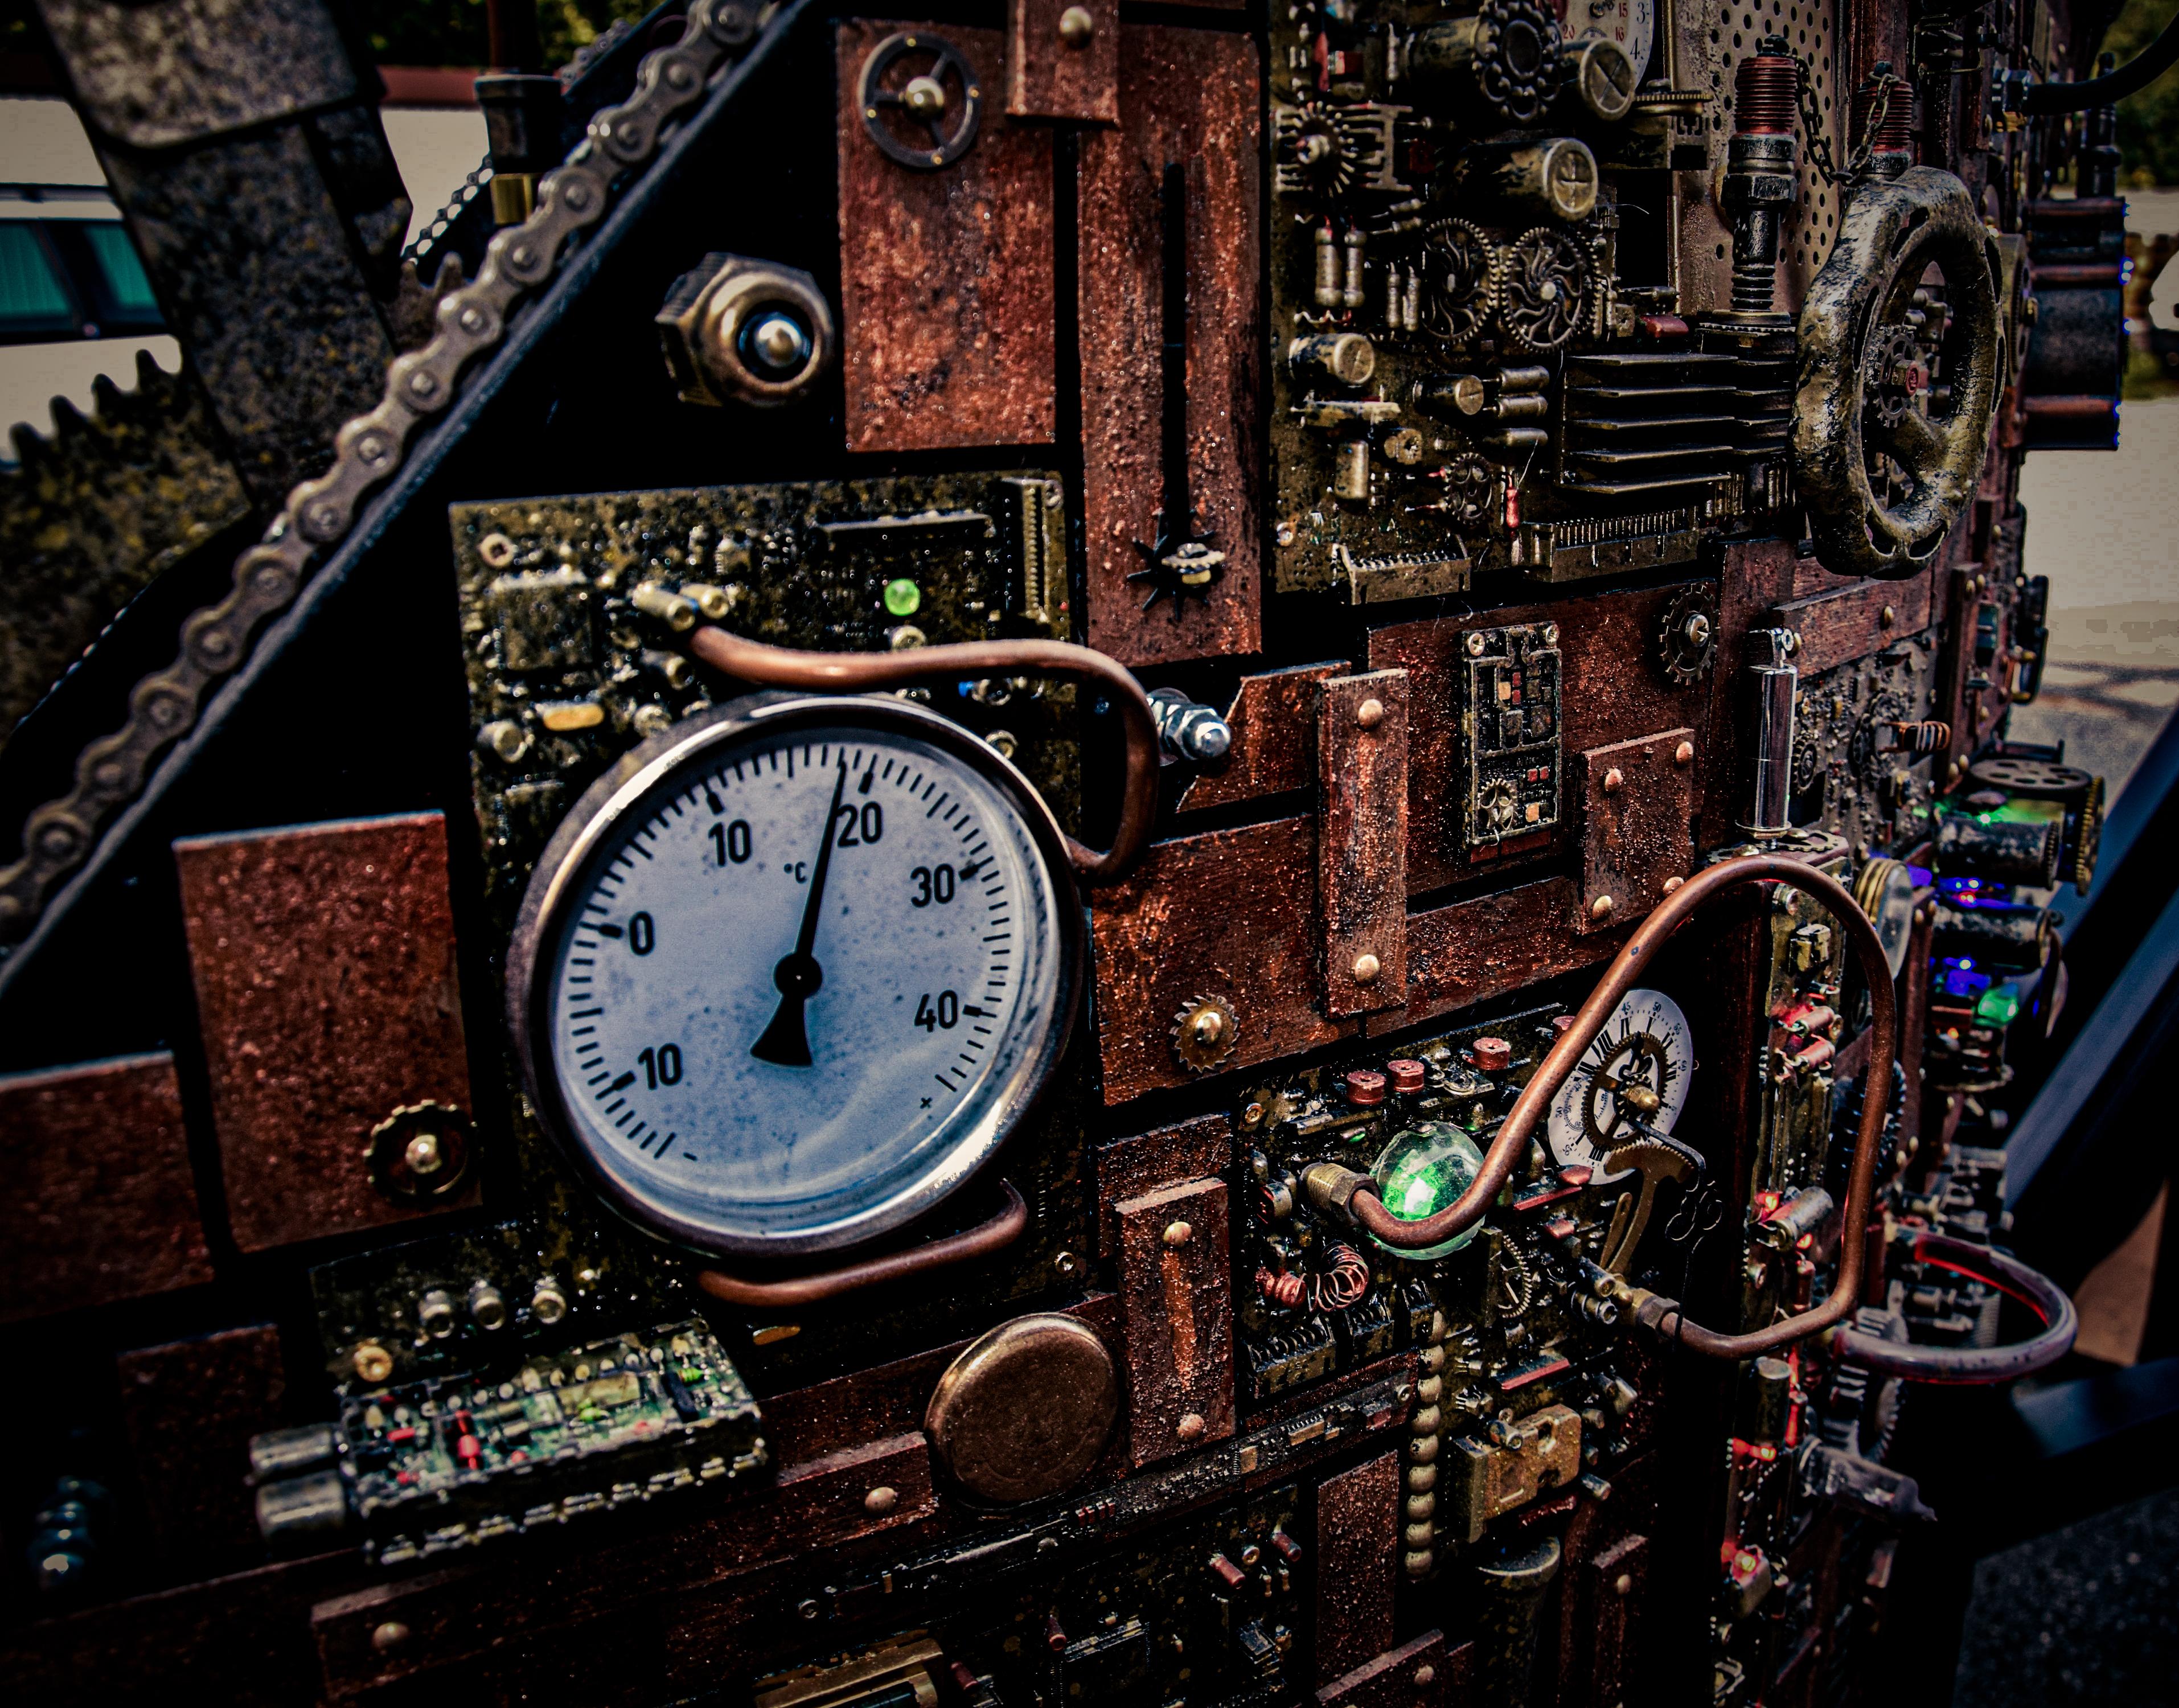 Streitwagen_Daylight_Closeup2